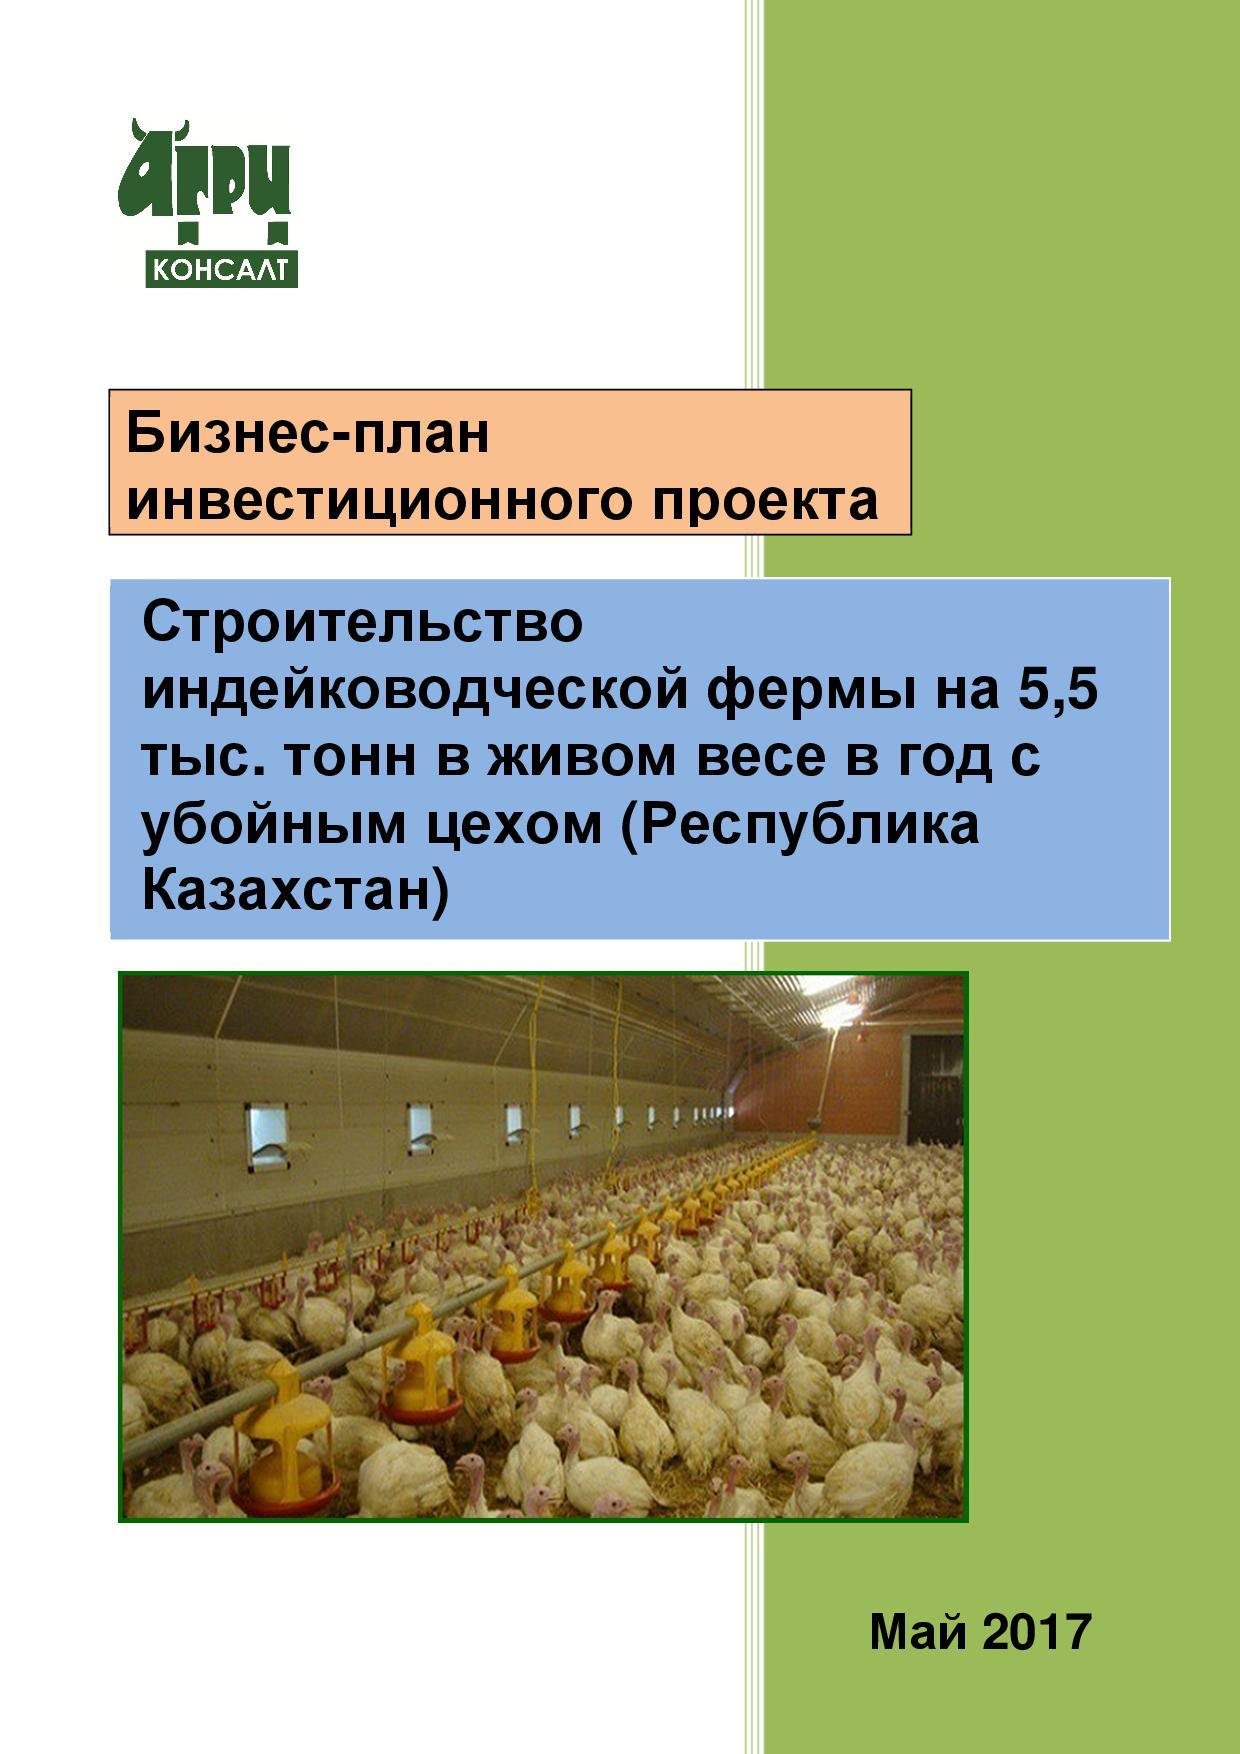 Бизнес план по птицеводческому работа открыть свое дело